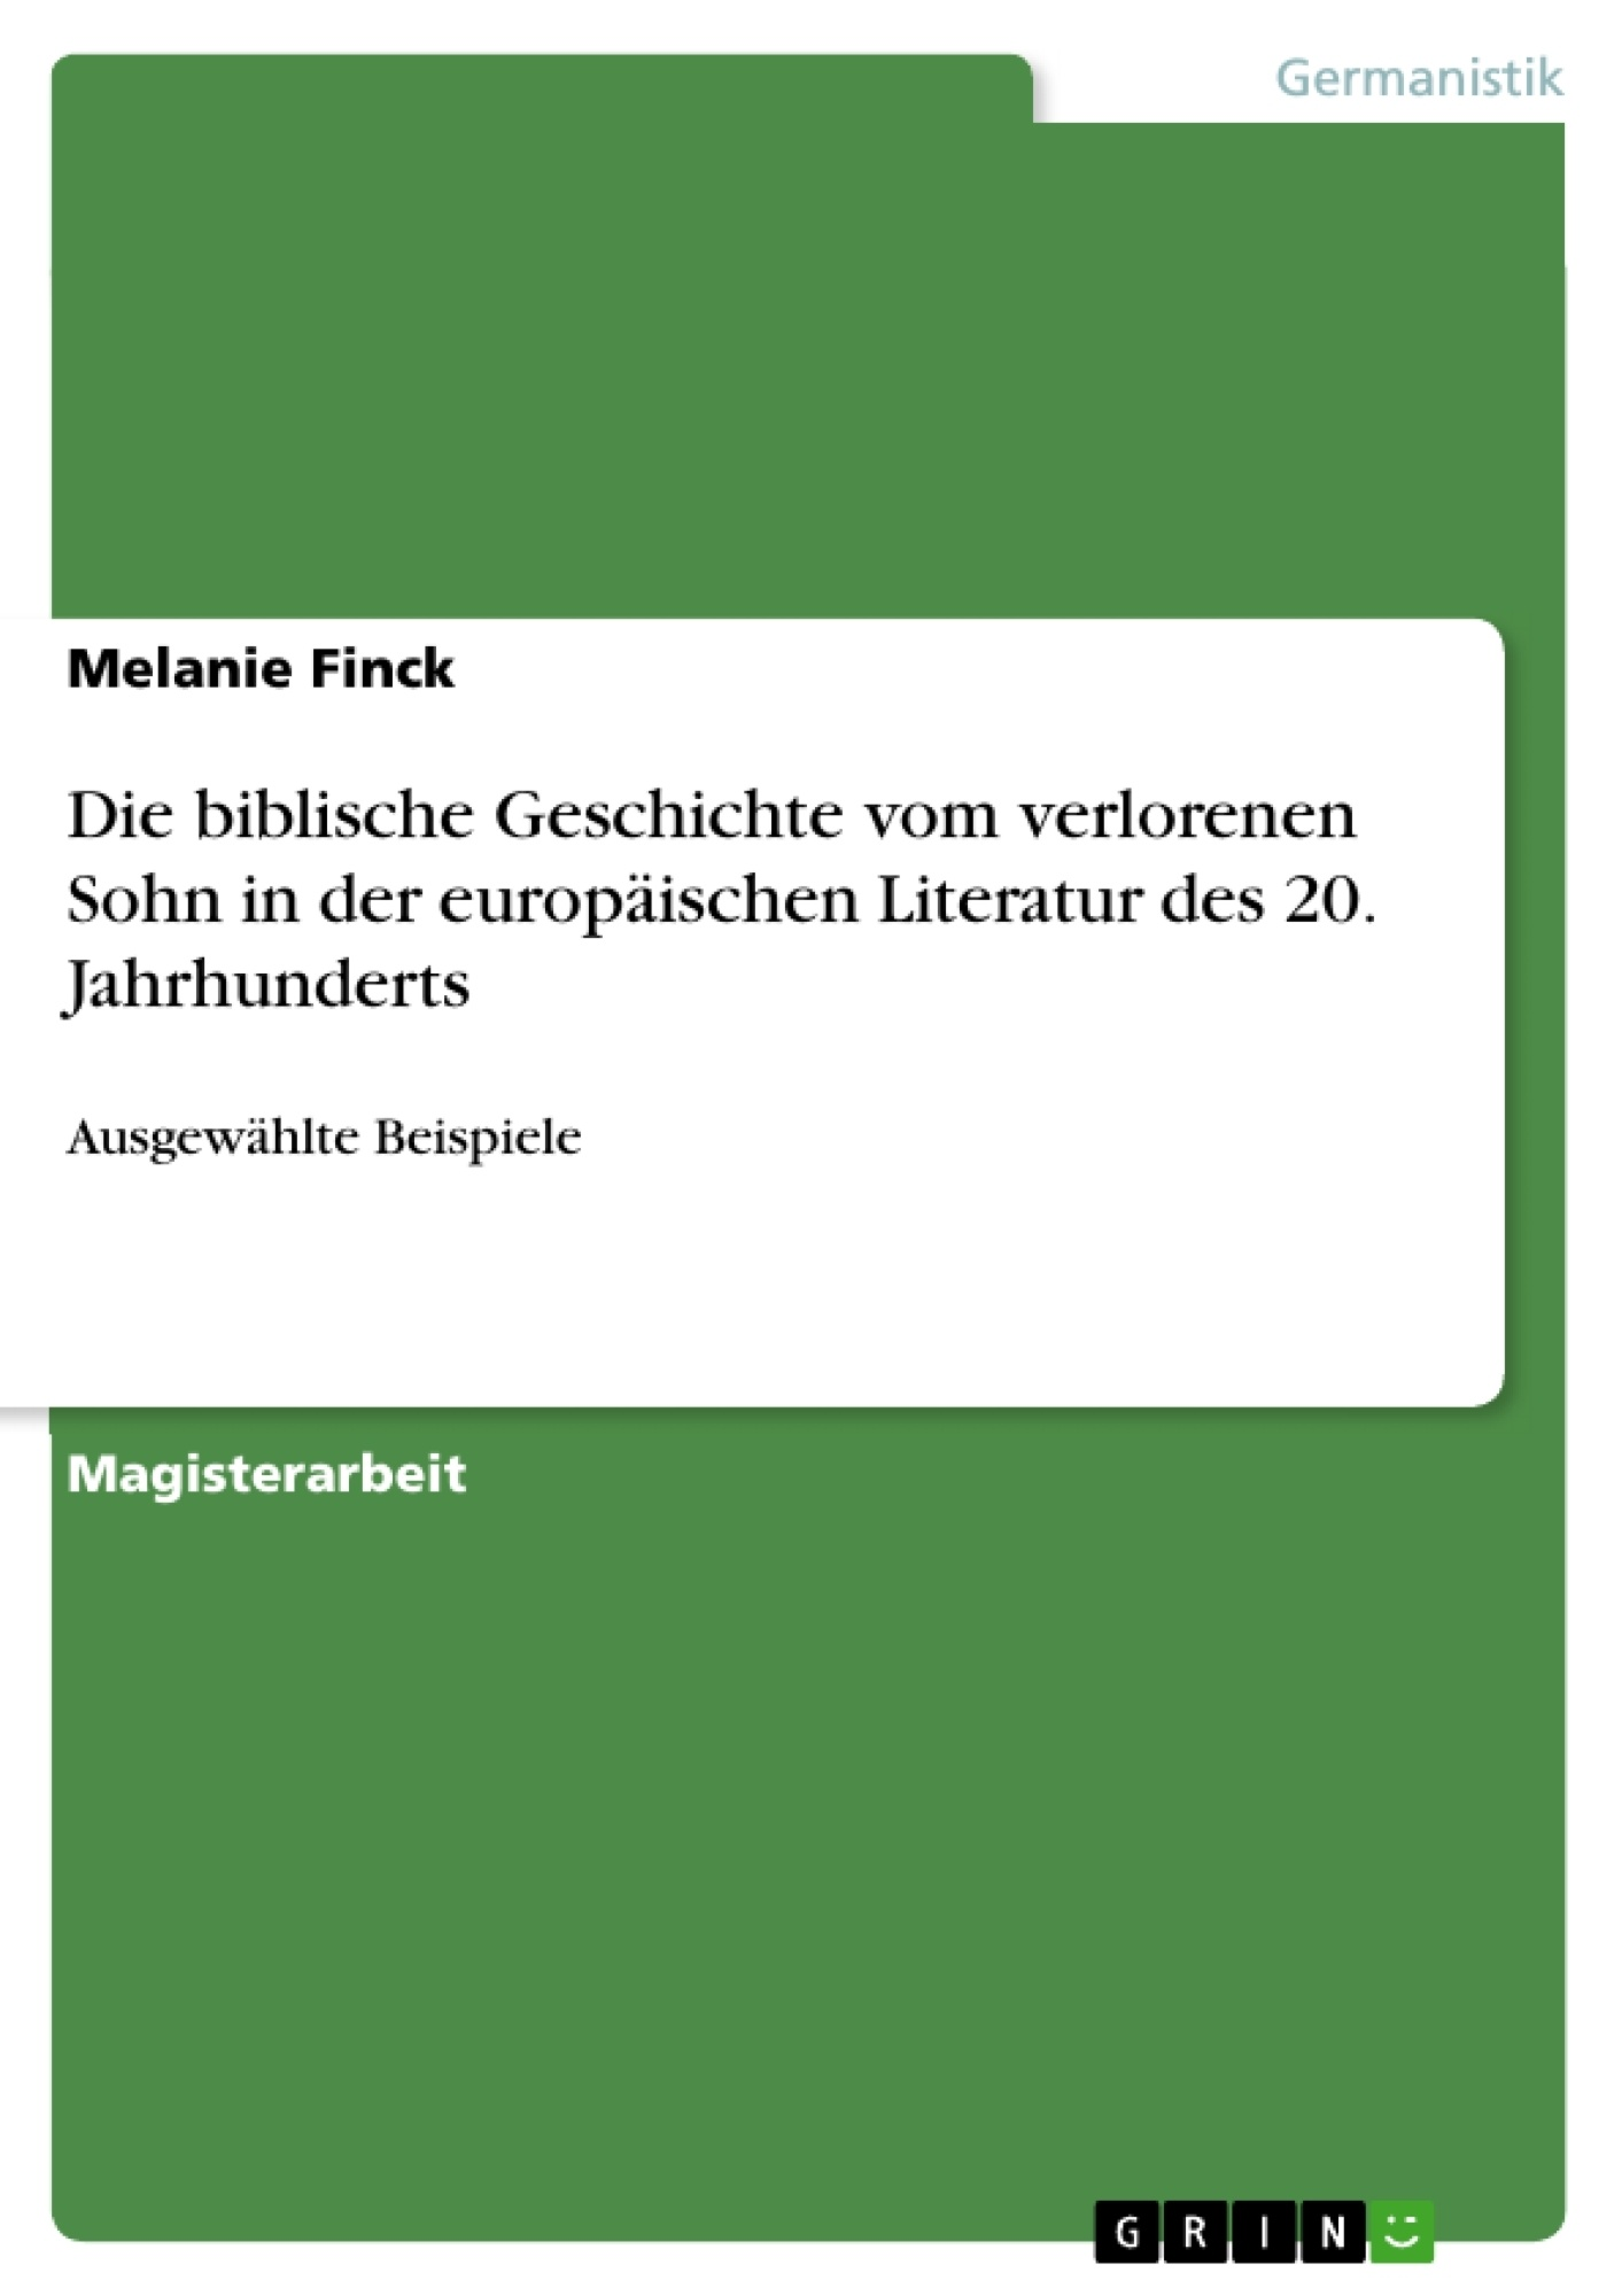 Titel: Die biblische Geschichte vom verlorenen Sohn in der europäischen Literatur des 20. Jahrhunderts